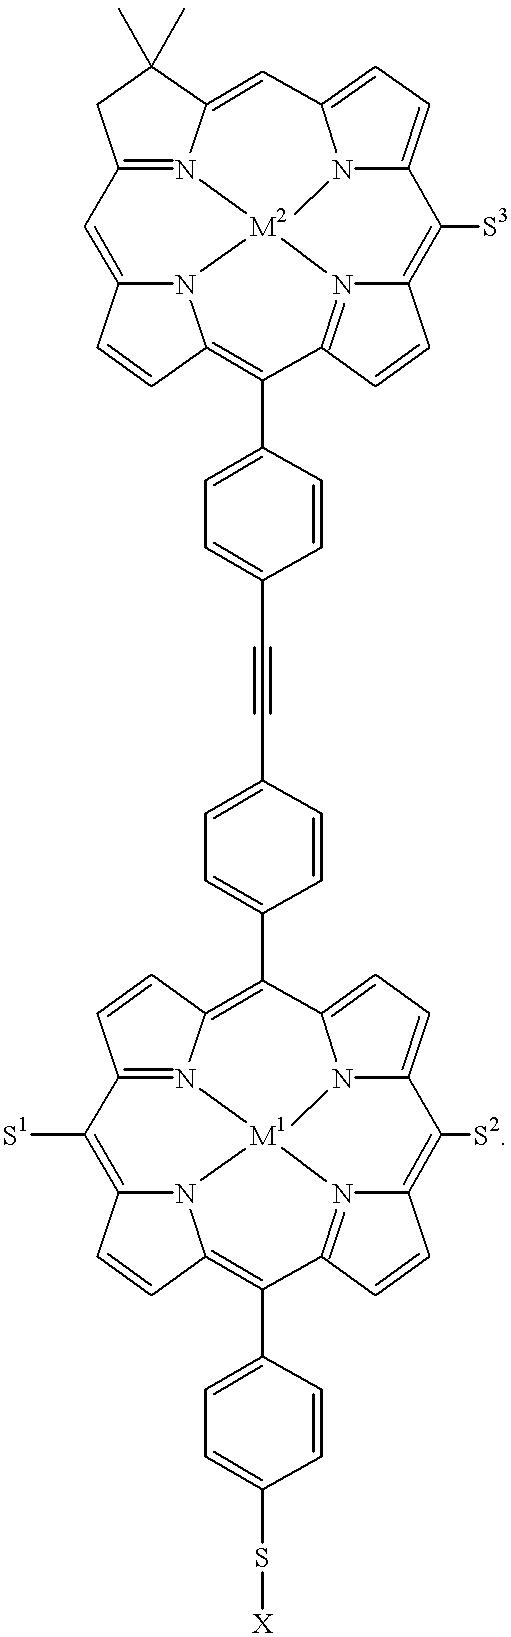 Figure US06381169-20020430-C00043